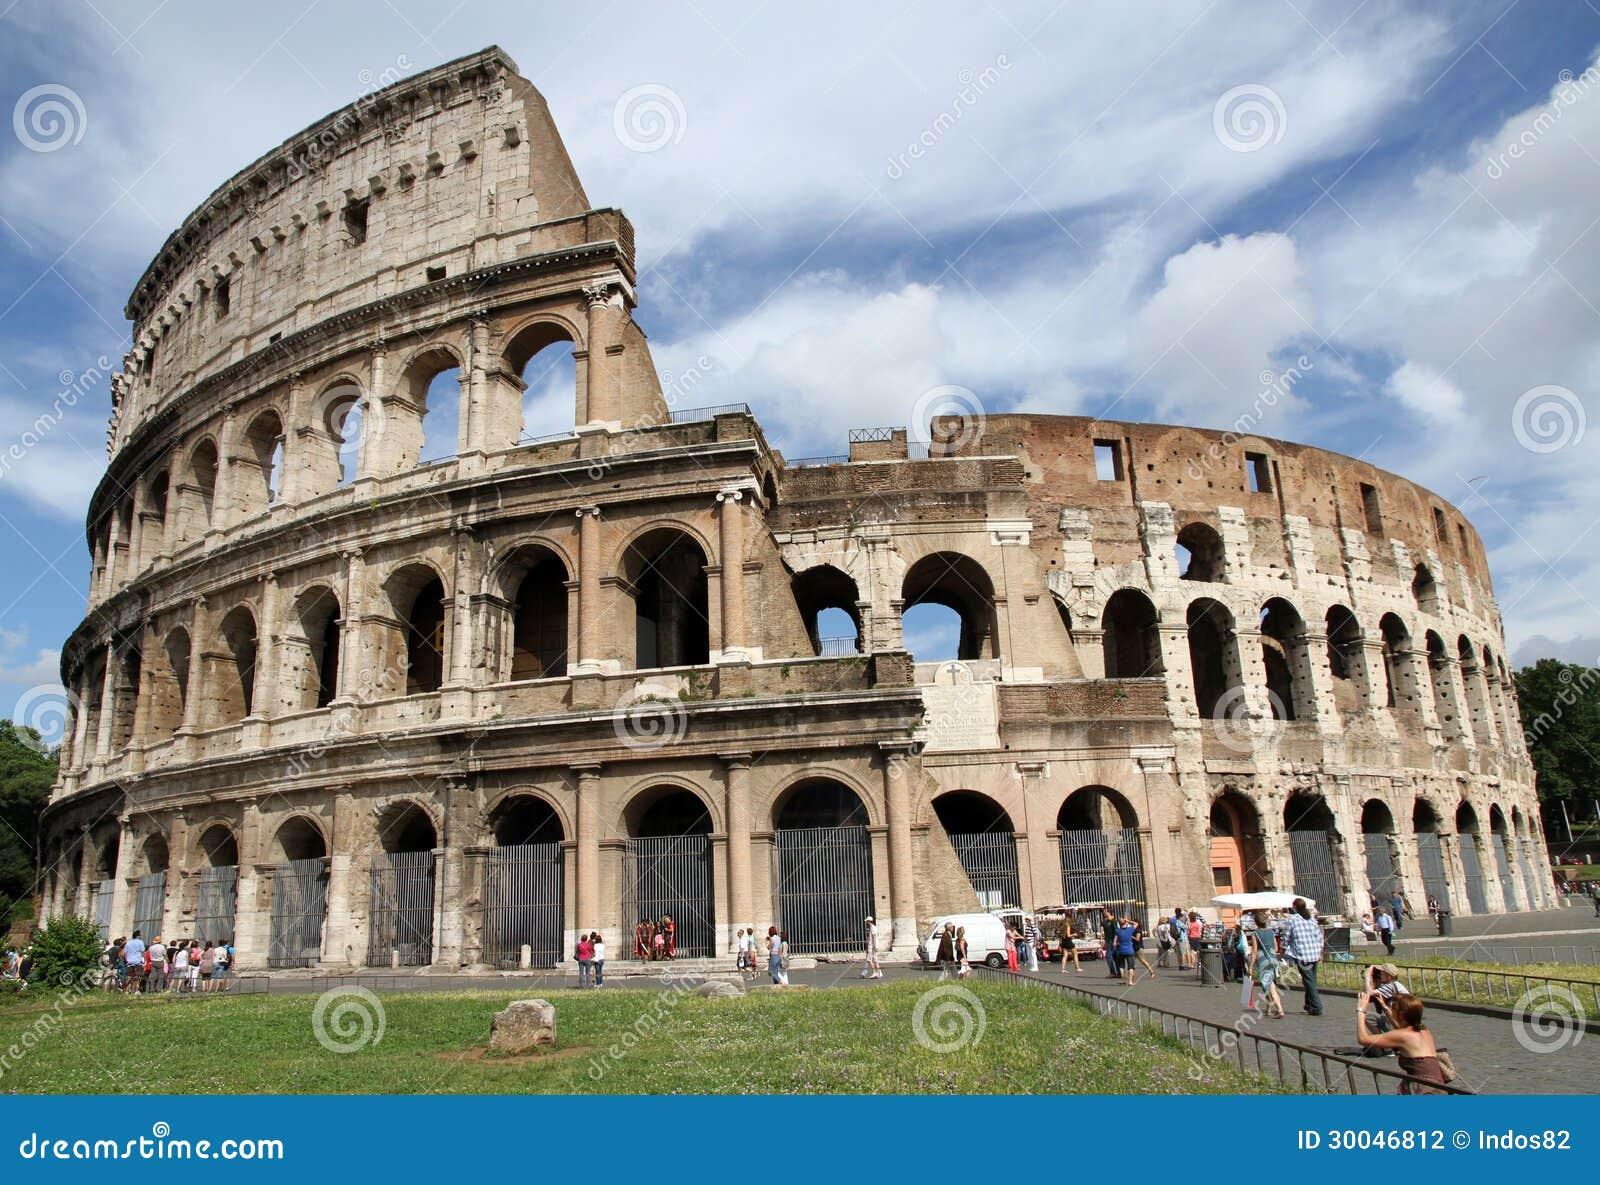 Turistas cerca del Colosseum, Roma